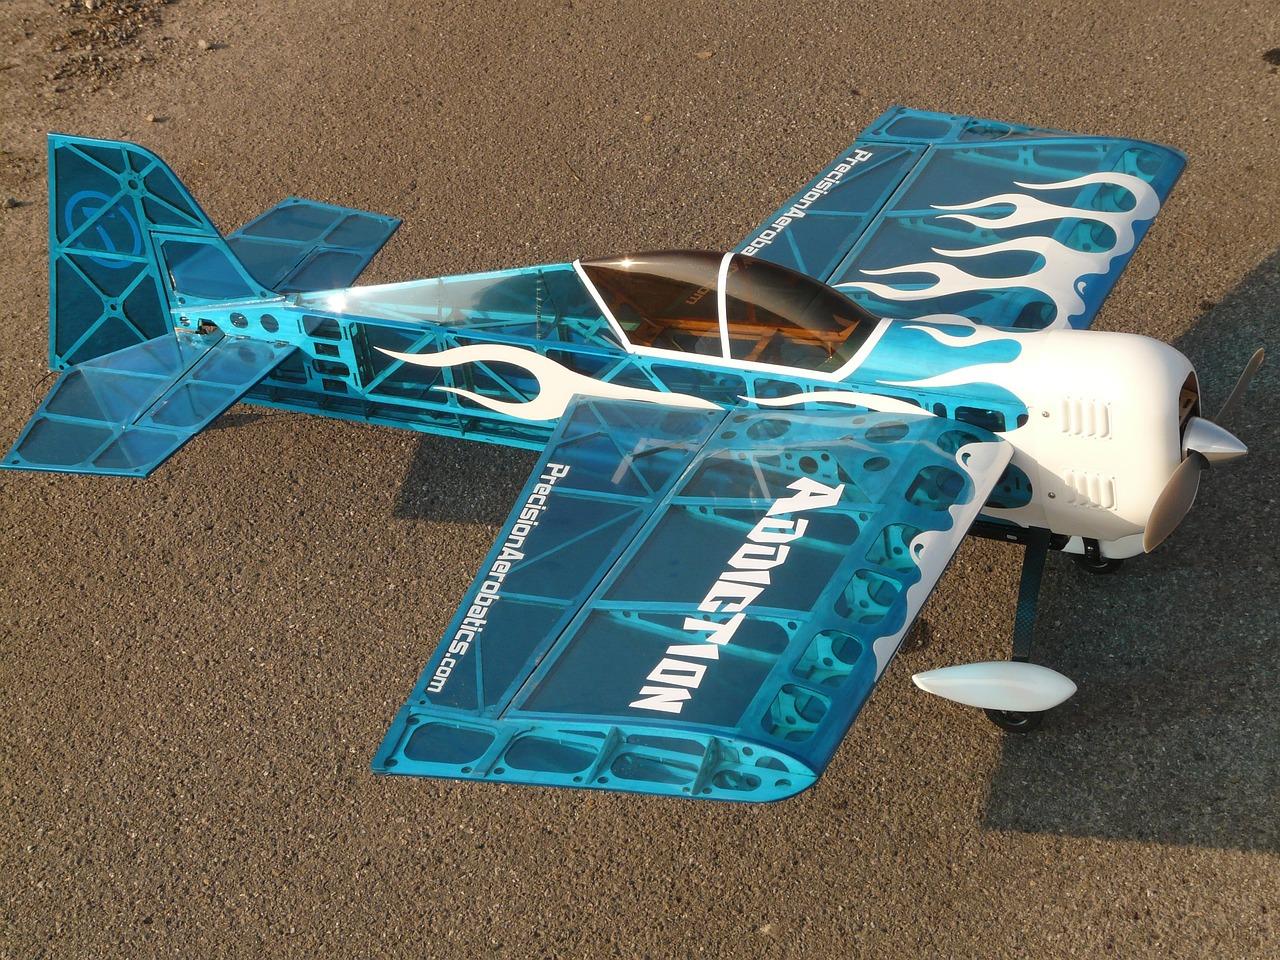 Бесплатная фотография: Модель Самолета, Модель Летать - Бесплатные фото на Pixabay - 5632